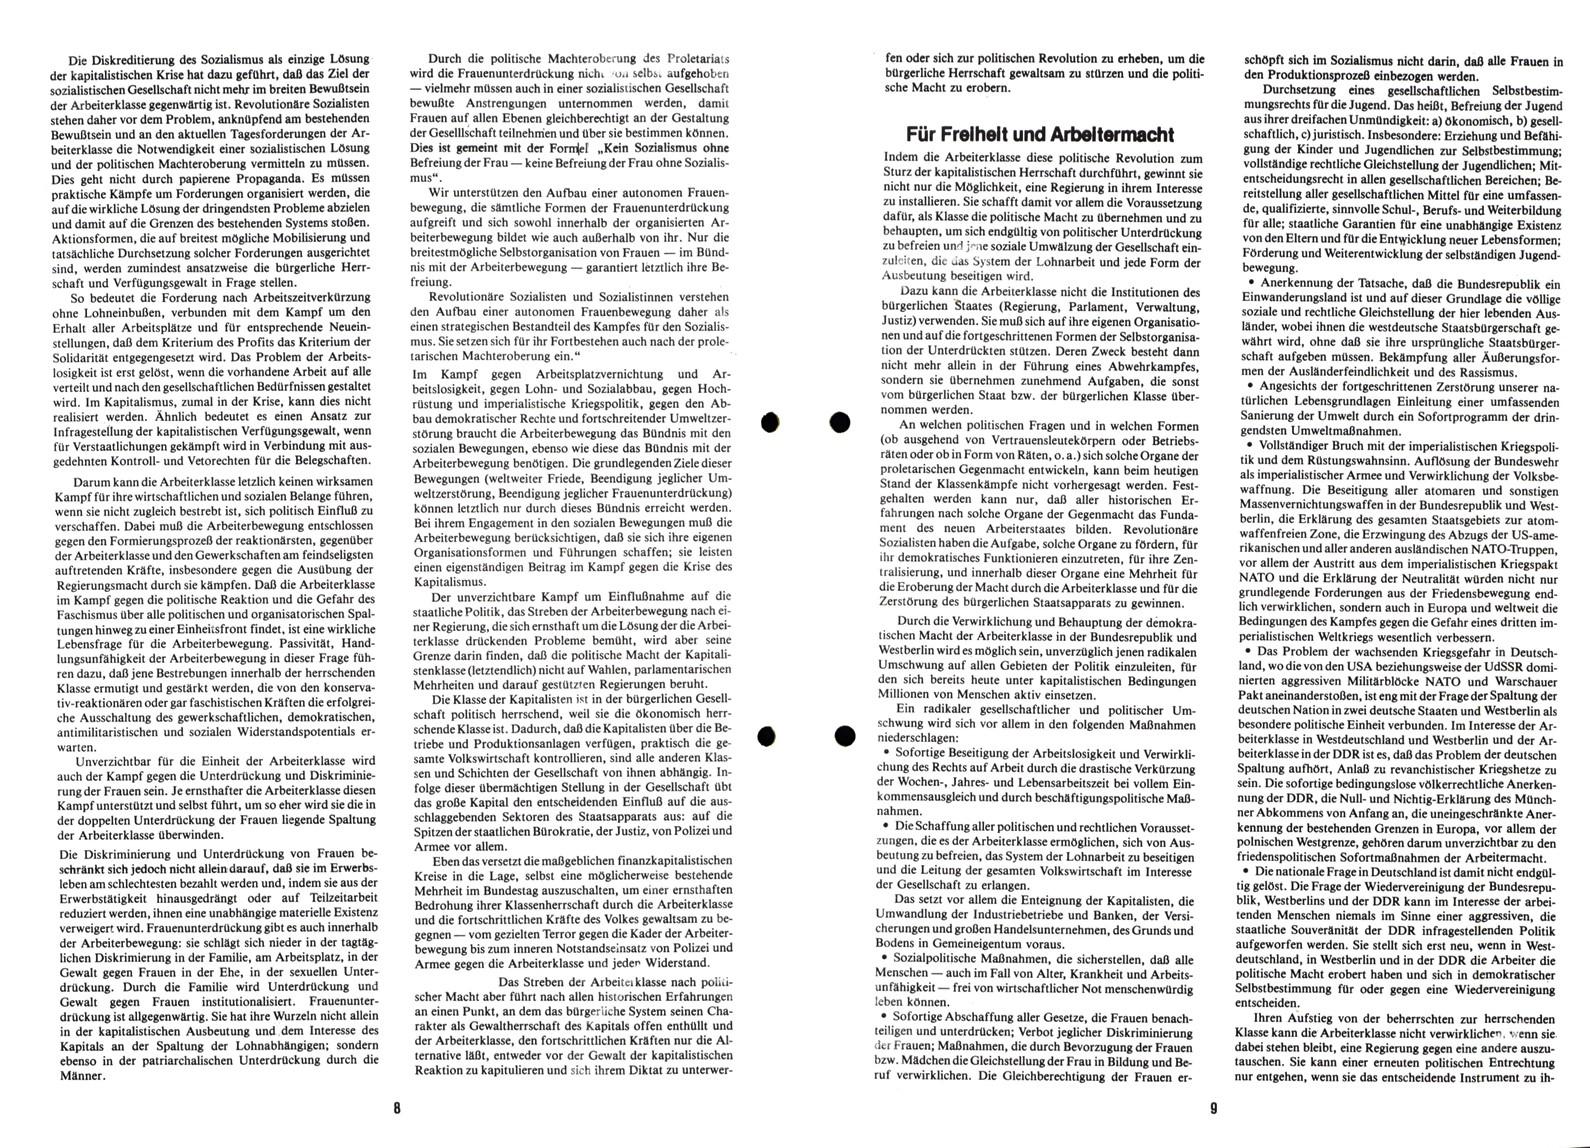 KPDML_GIM_1986_Dokumente_zur_Vereinigung_05